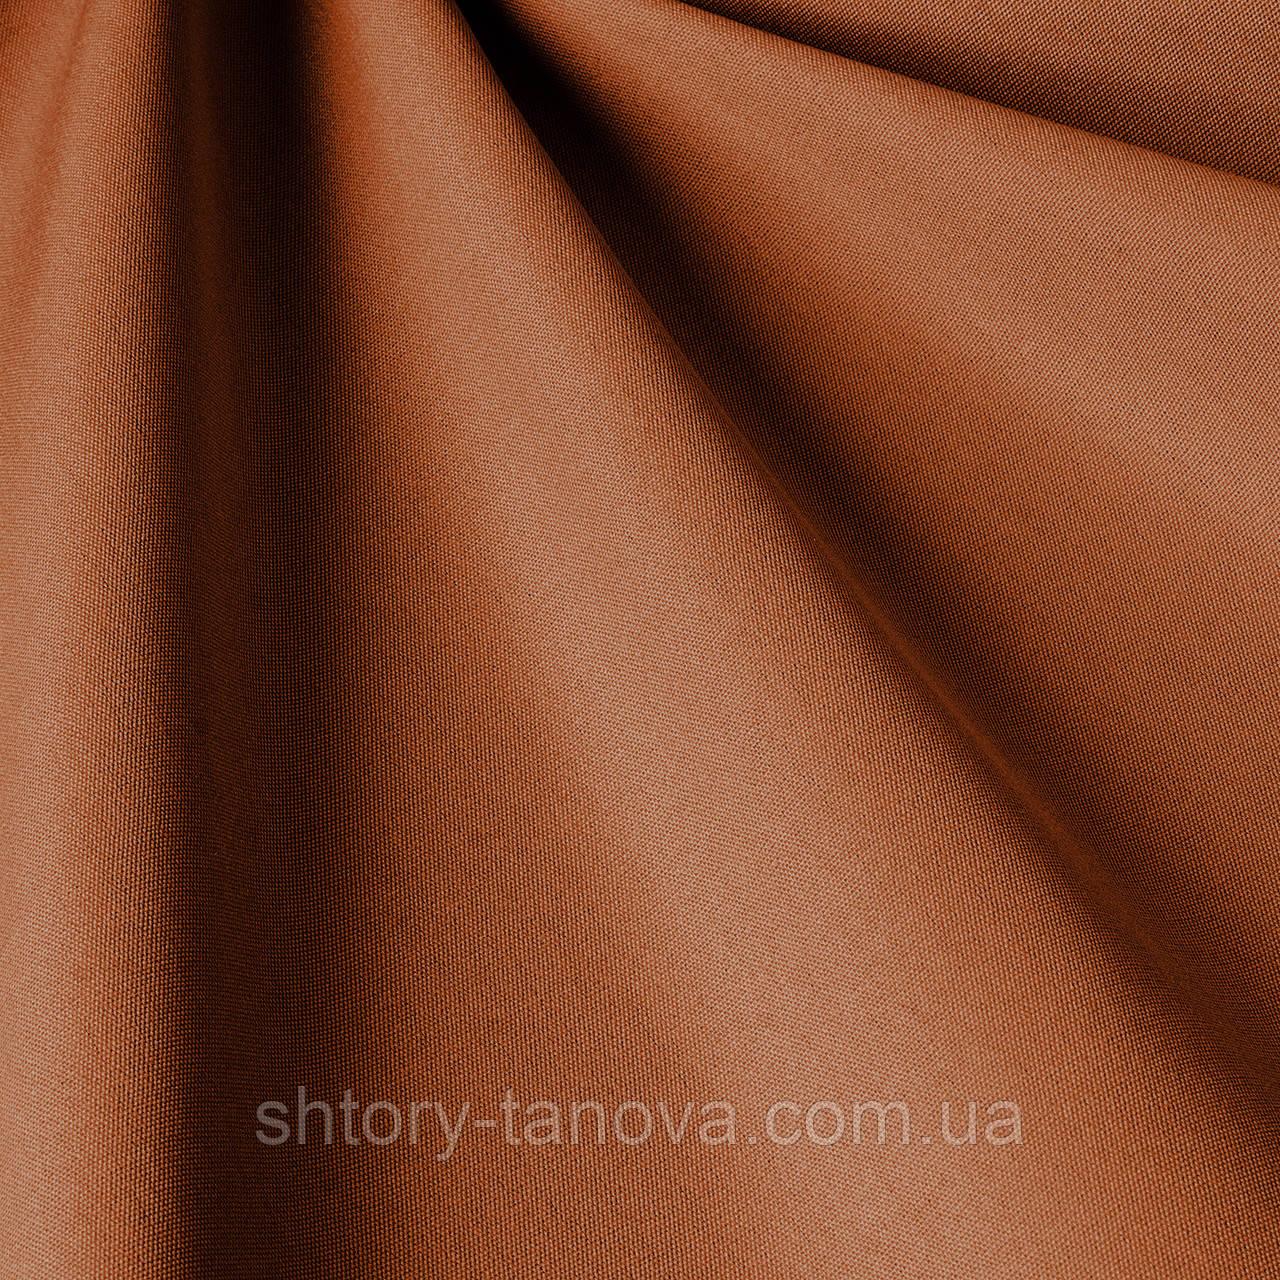 Однотонная ткань для улицы терракотового цвета